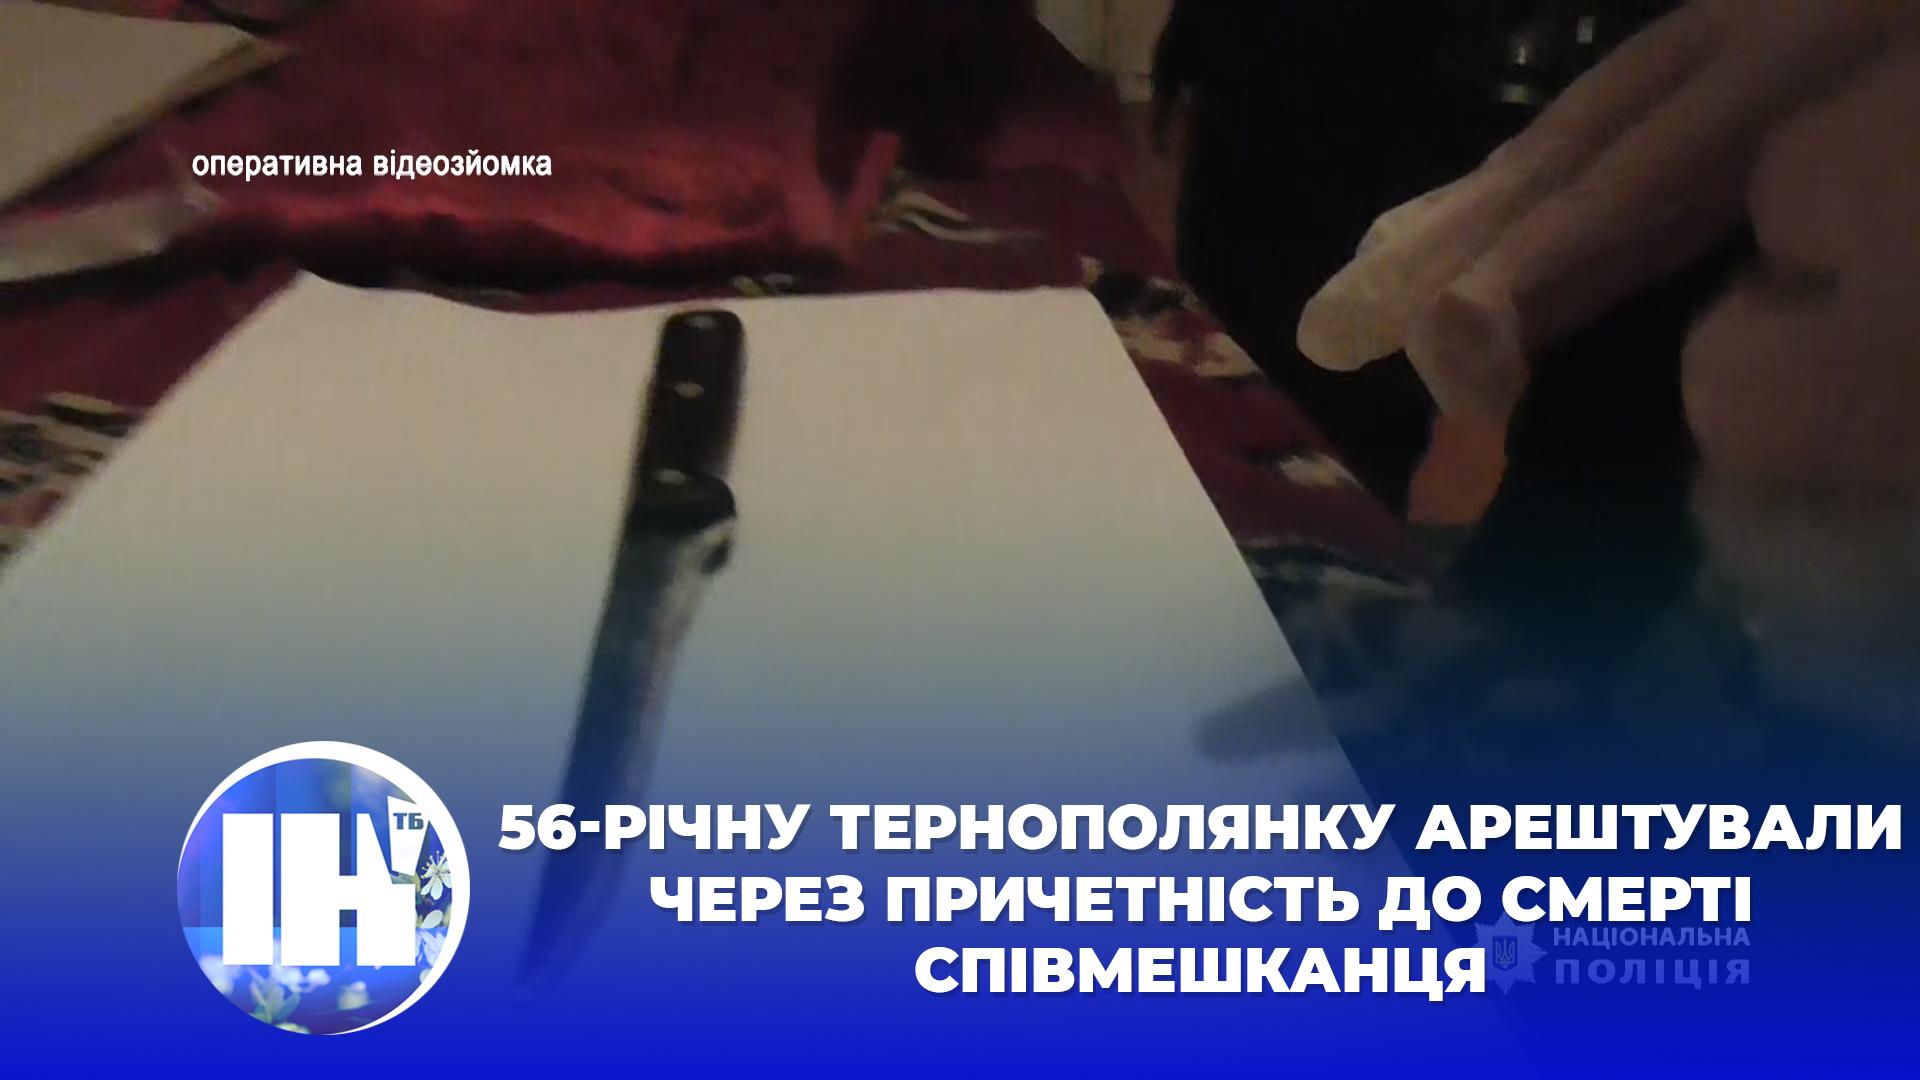 56-річну тернополянку арештували через причетність до смерті співмешканця